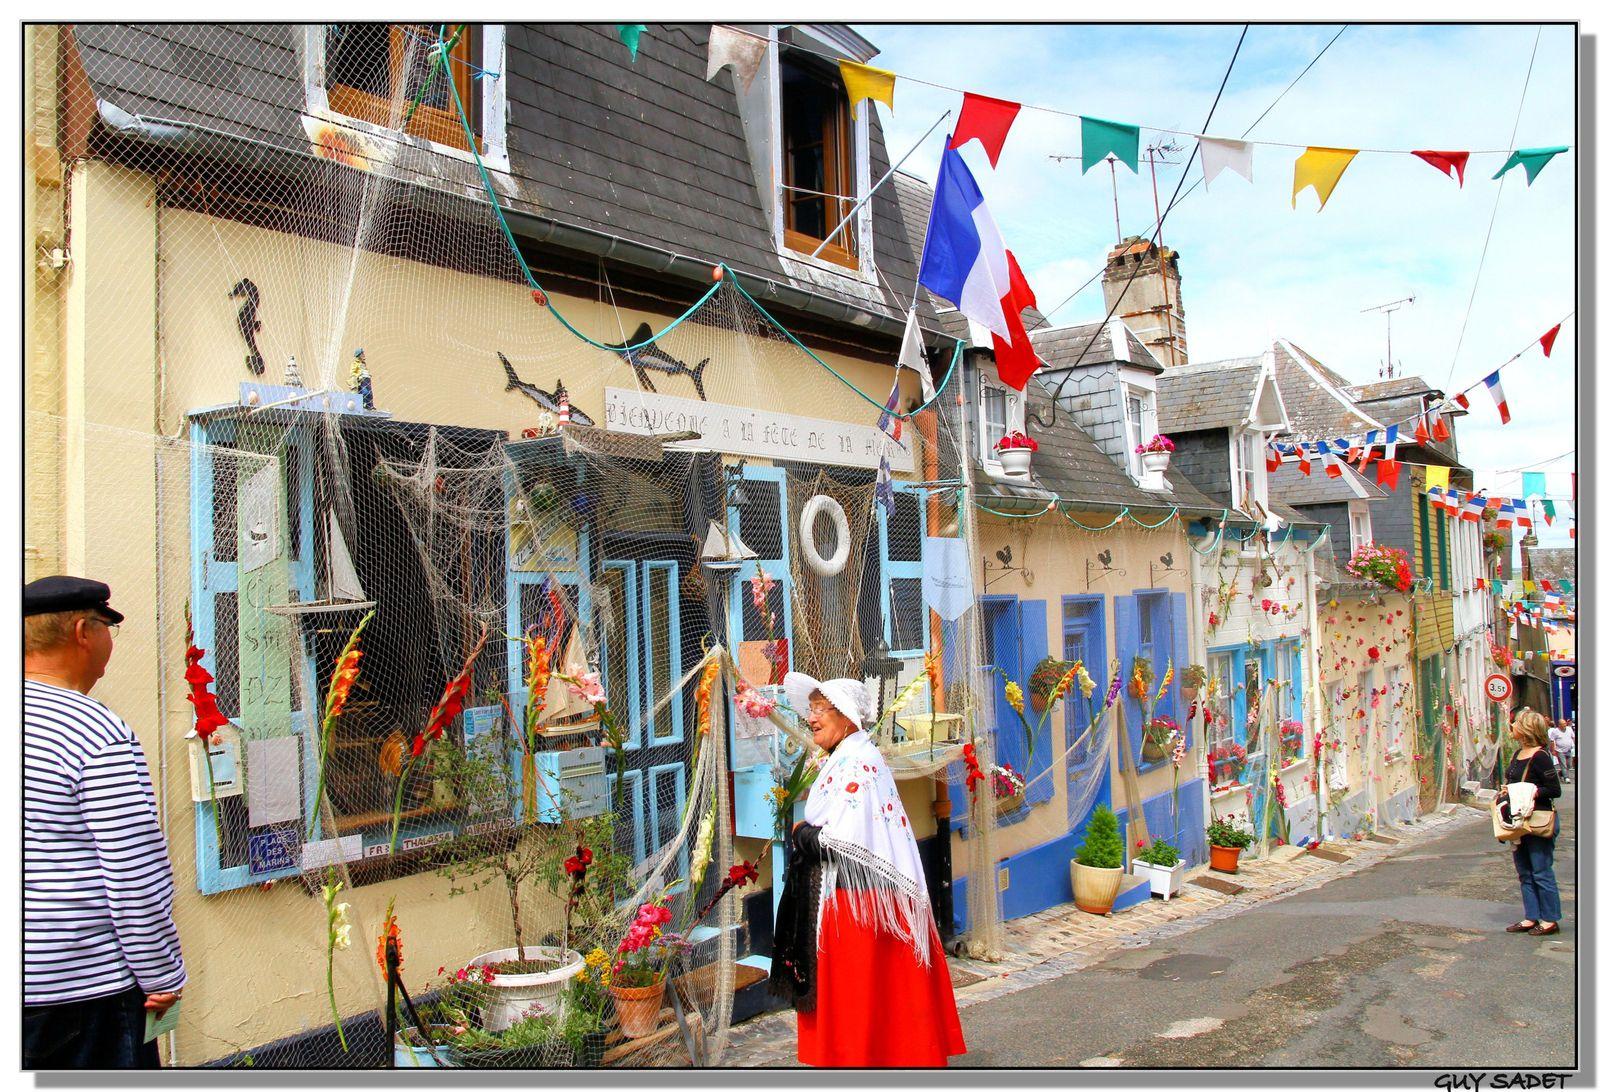 La f te de la mer saint valery sur somme dans le respect des traditions maritimes le blog - Saint valery sur somme office du tourisme ...